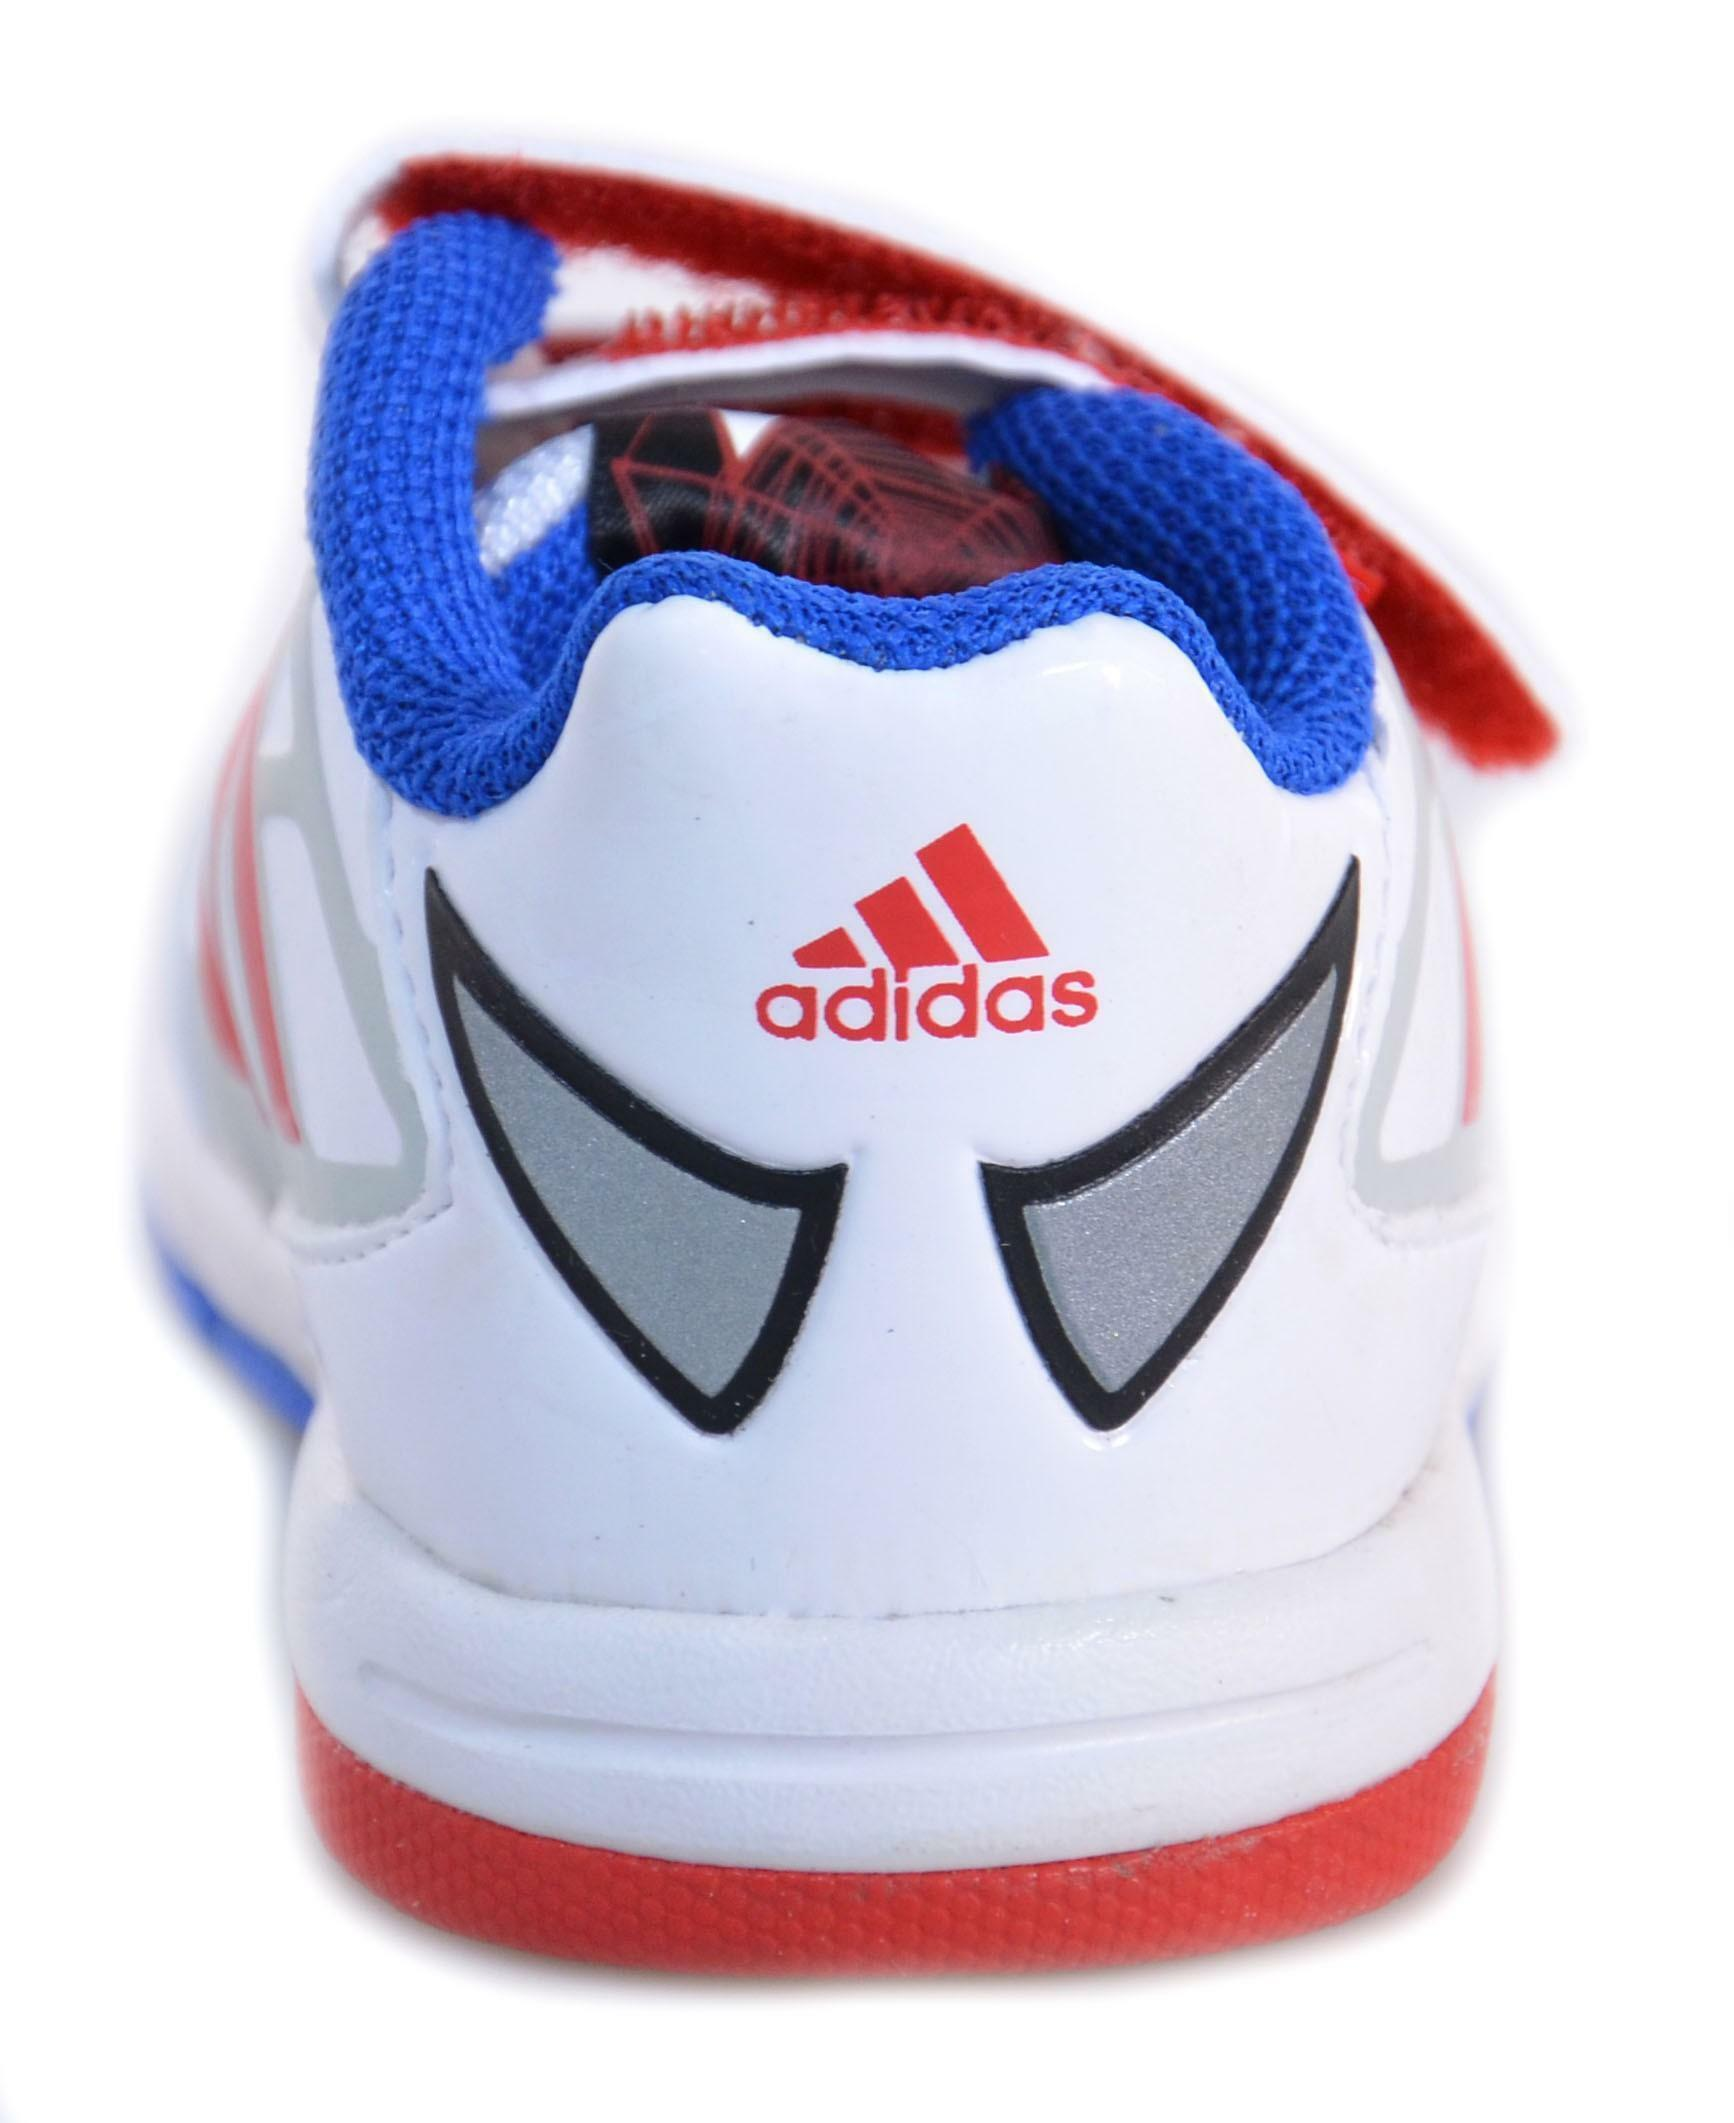 adidas disney spiderman cf i scarpe bambino bianche pelle strappi m25948